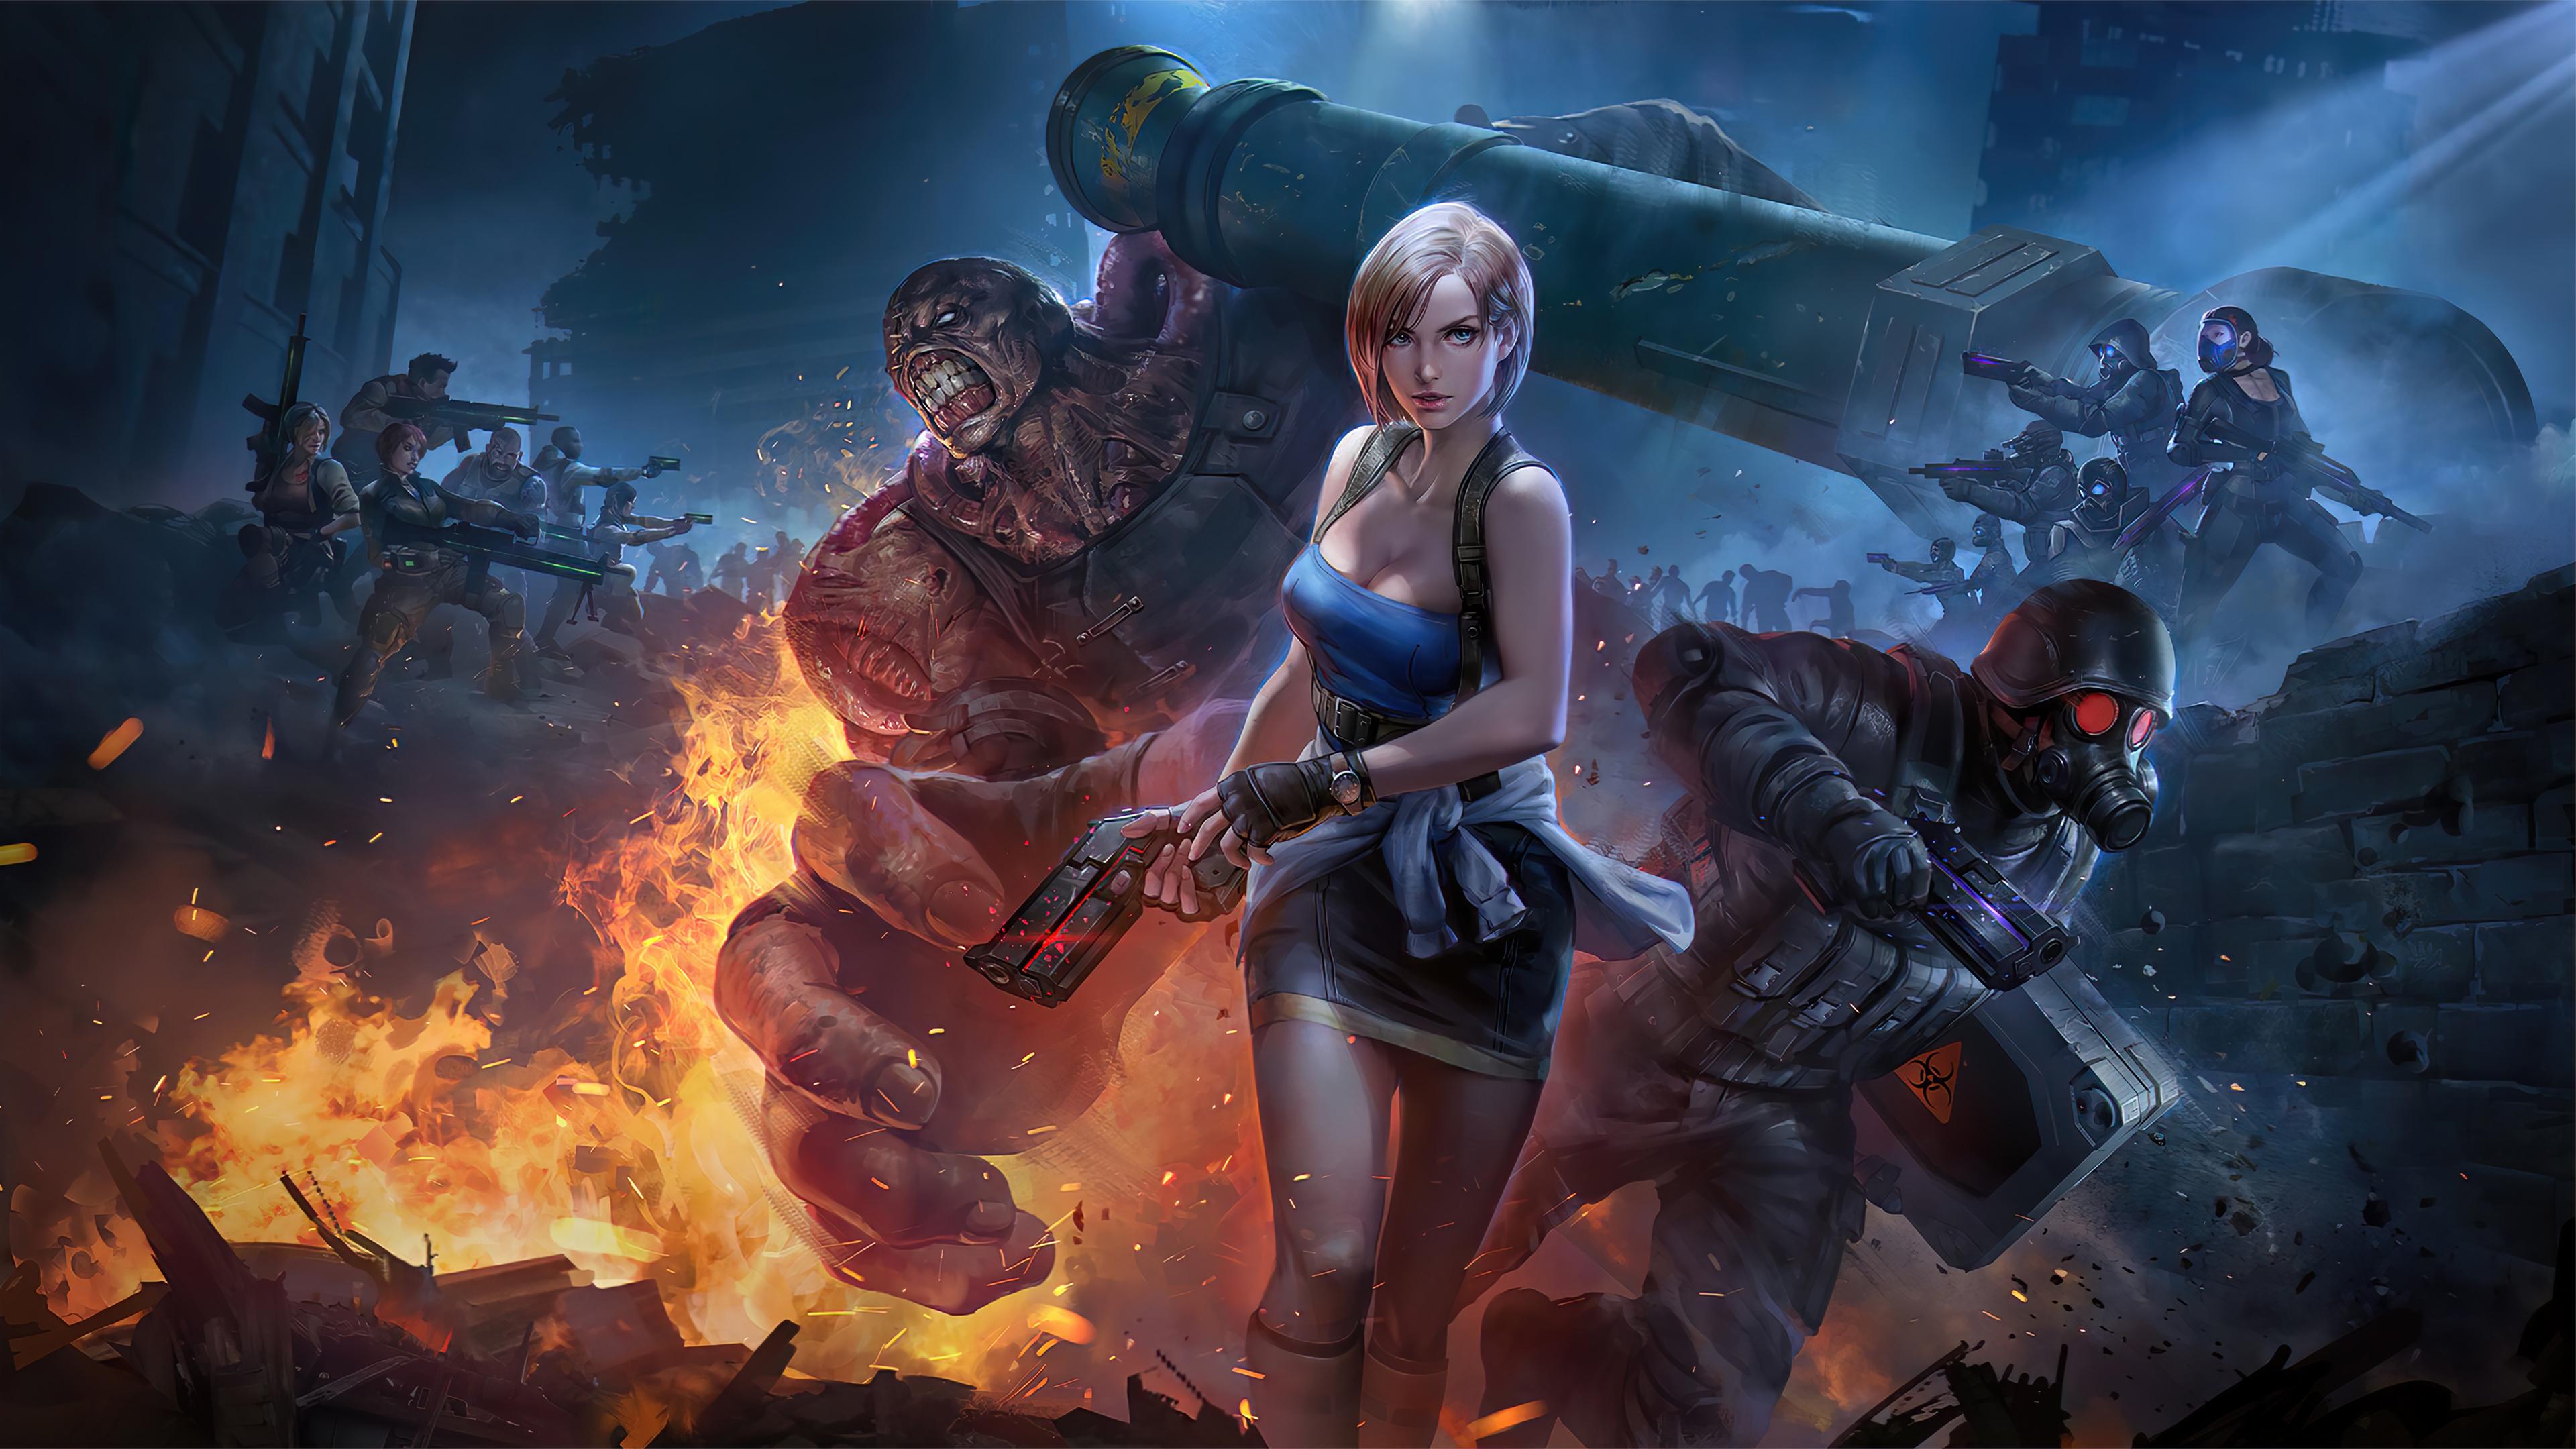 Resident Evil 3 Teppen Capcom 4k Ultra Hd Wallpaper